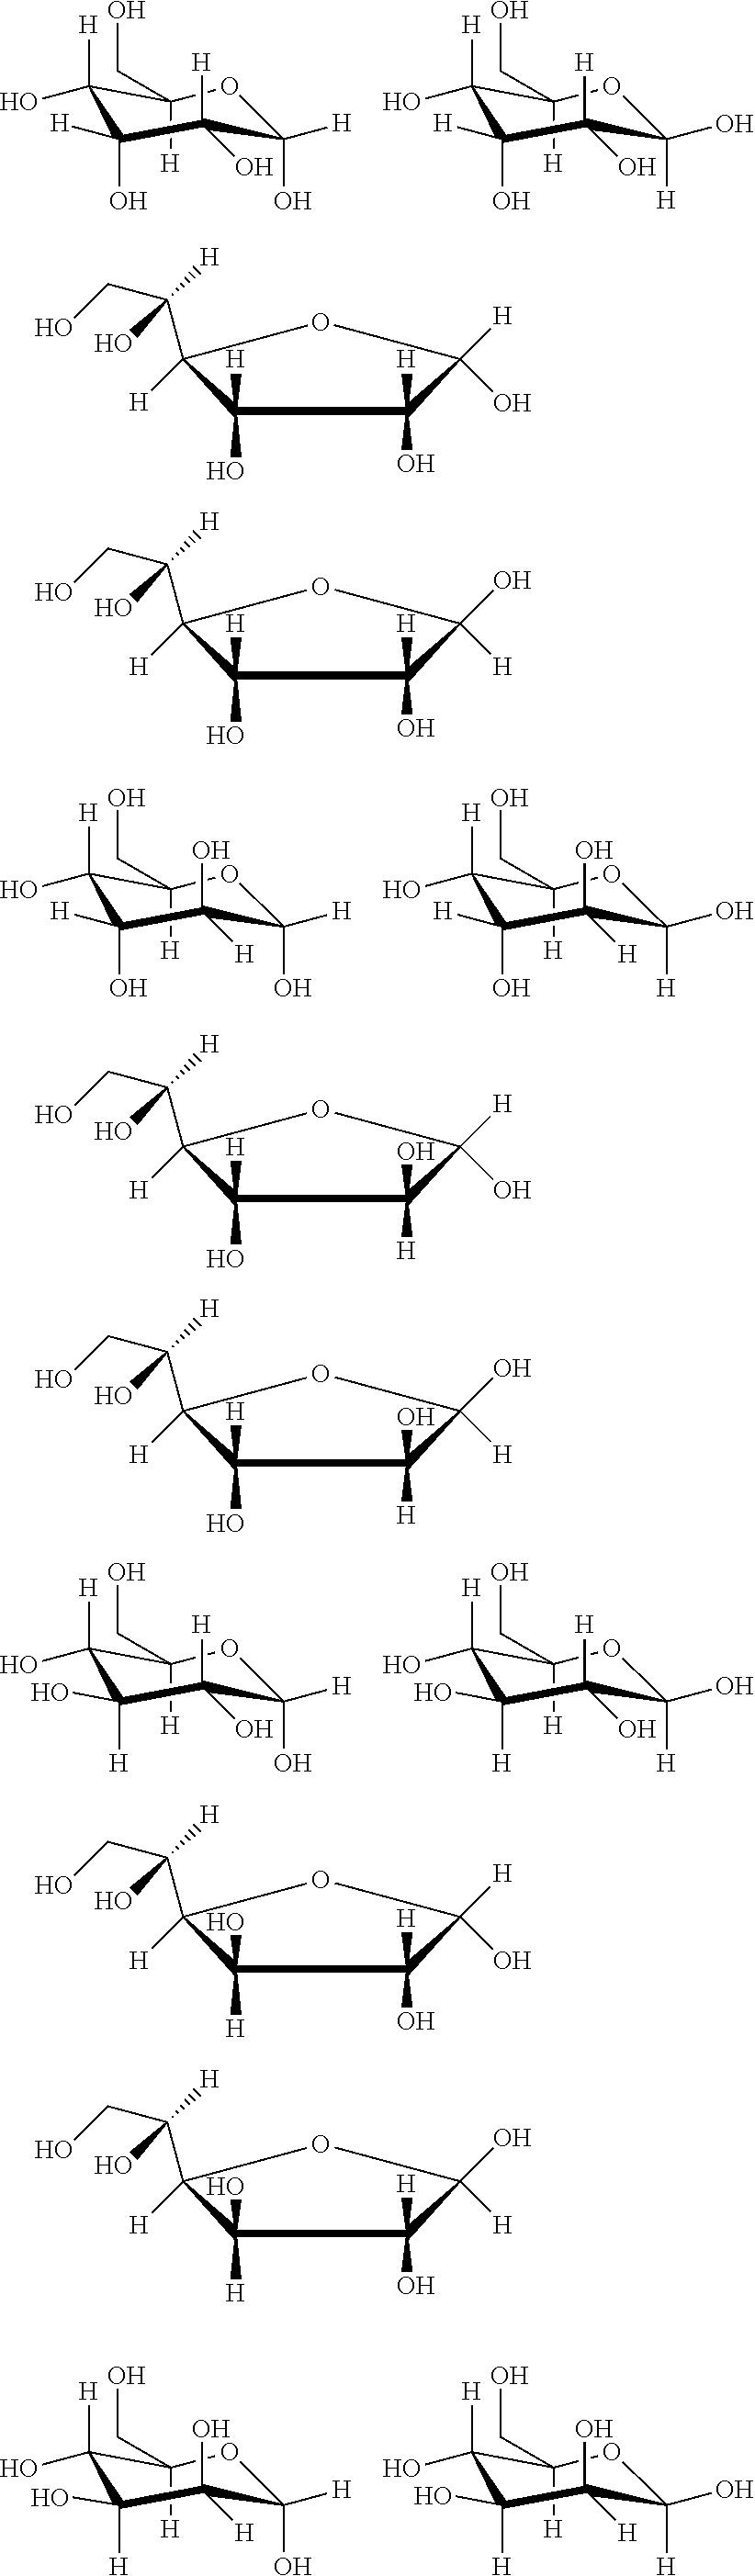 Figure US09574220-20170221-C00003